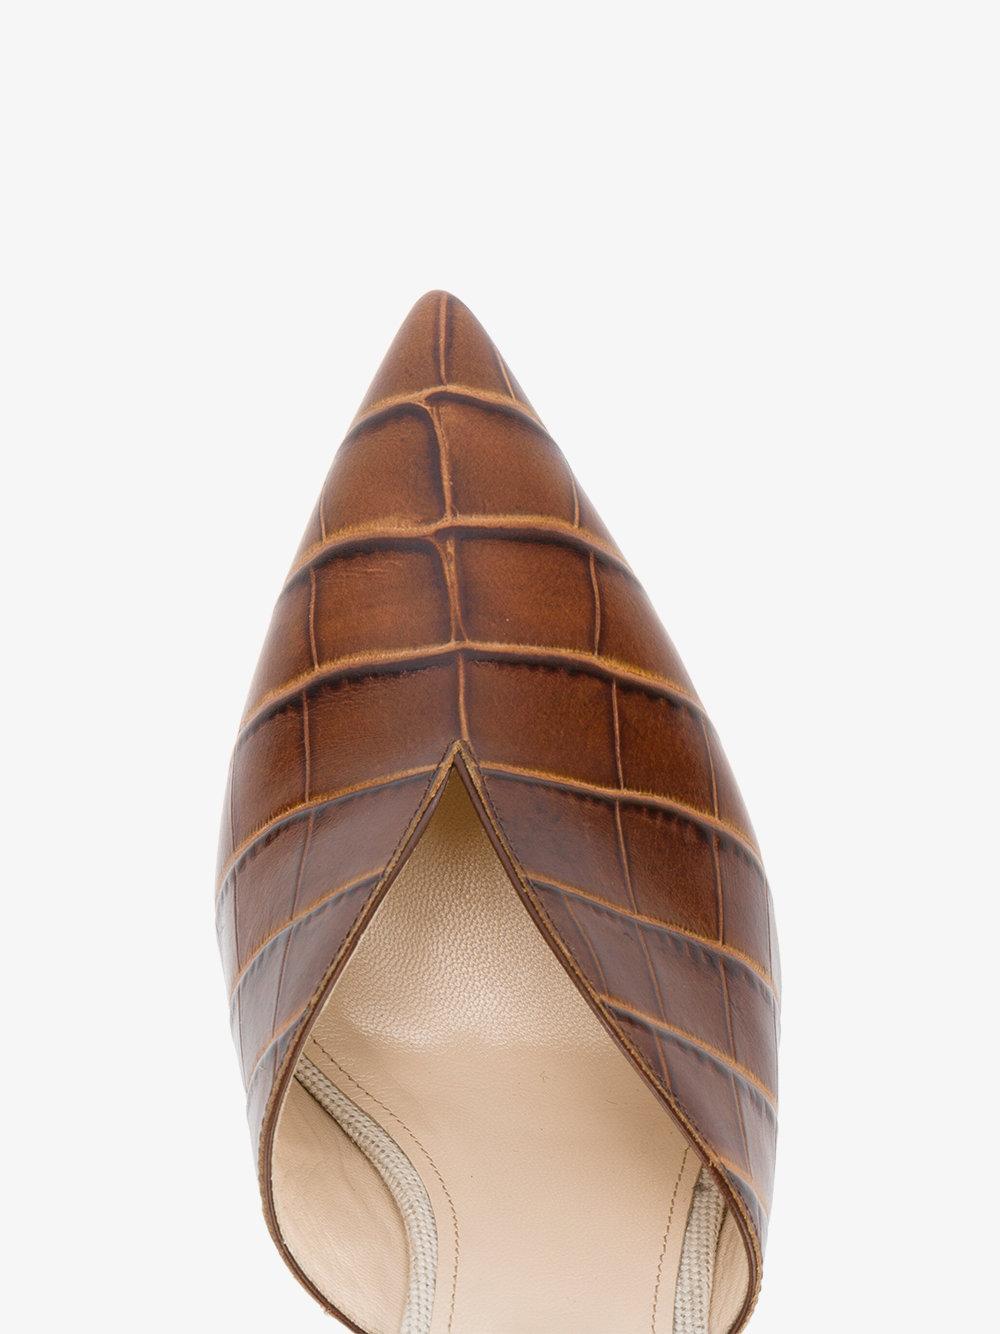 Attico Shoes Sale